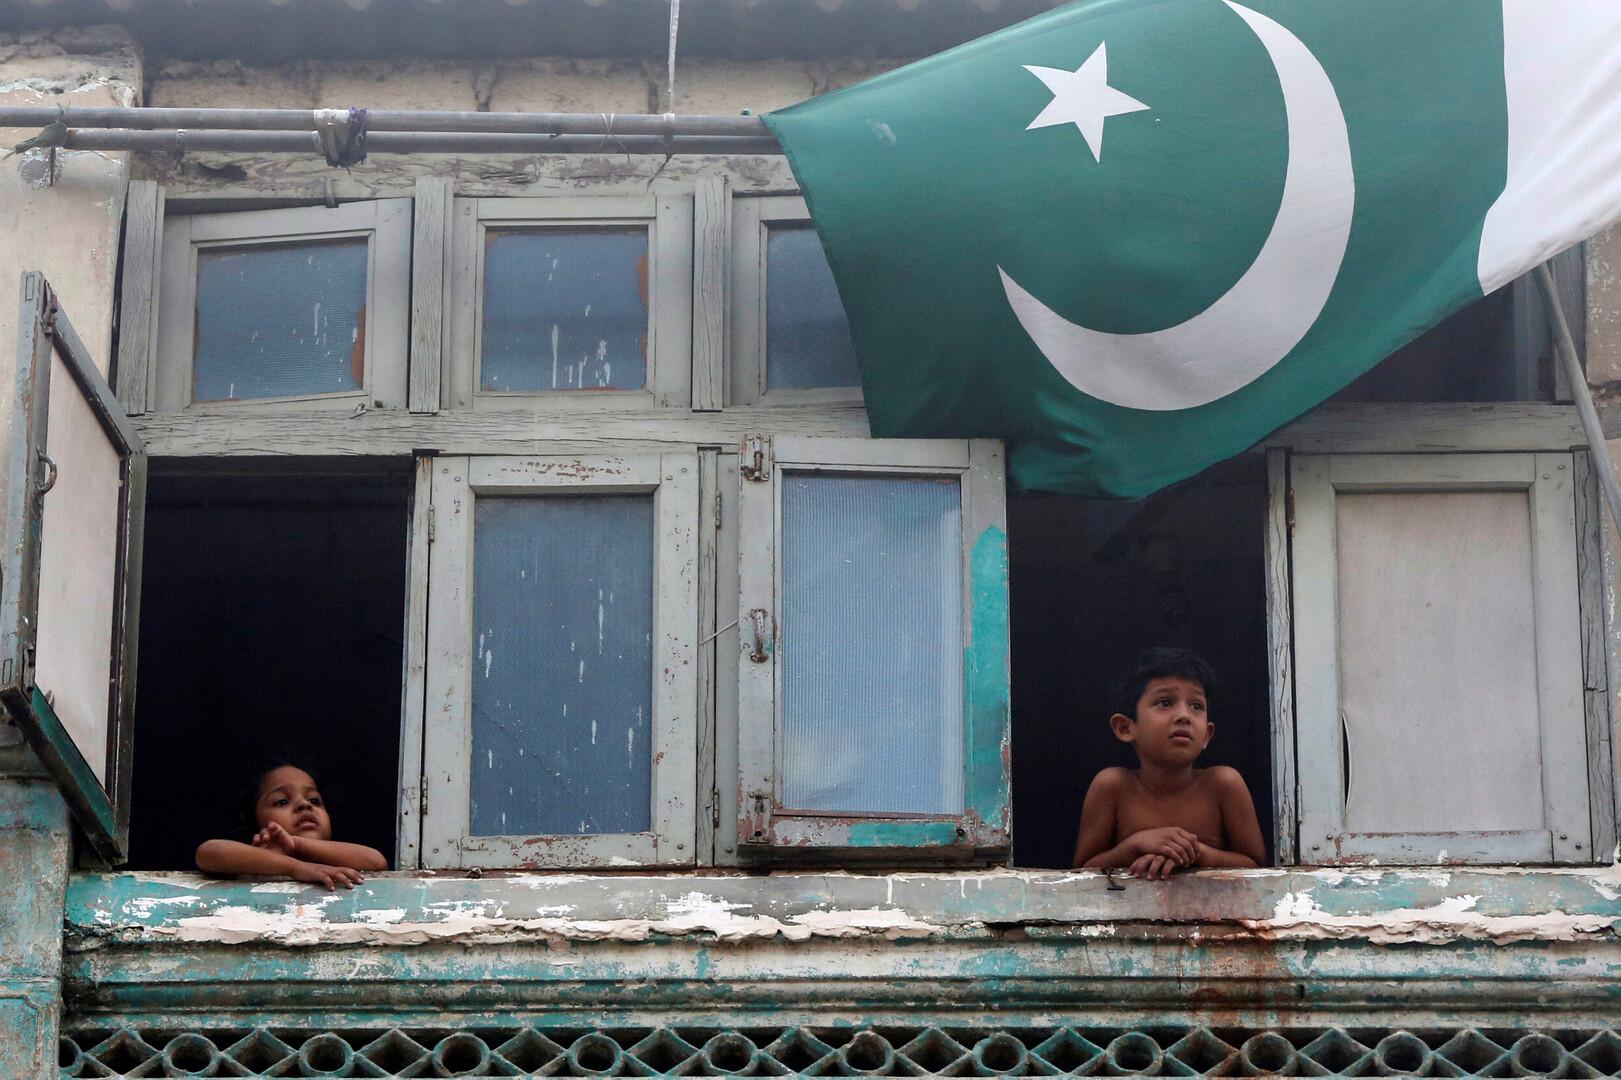 إصابة أكثر من ألف طفل بالإيدز في باكستان